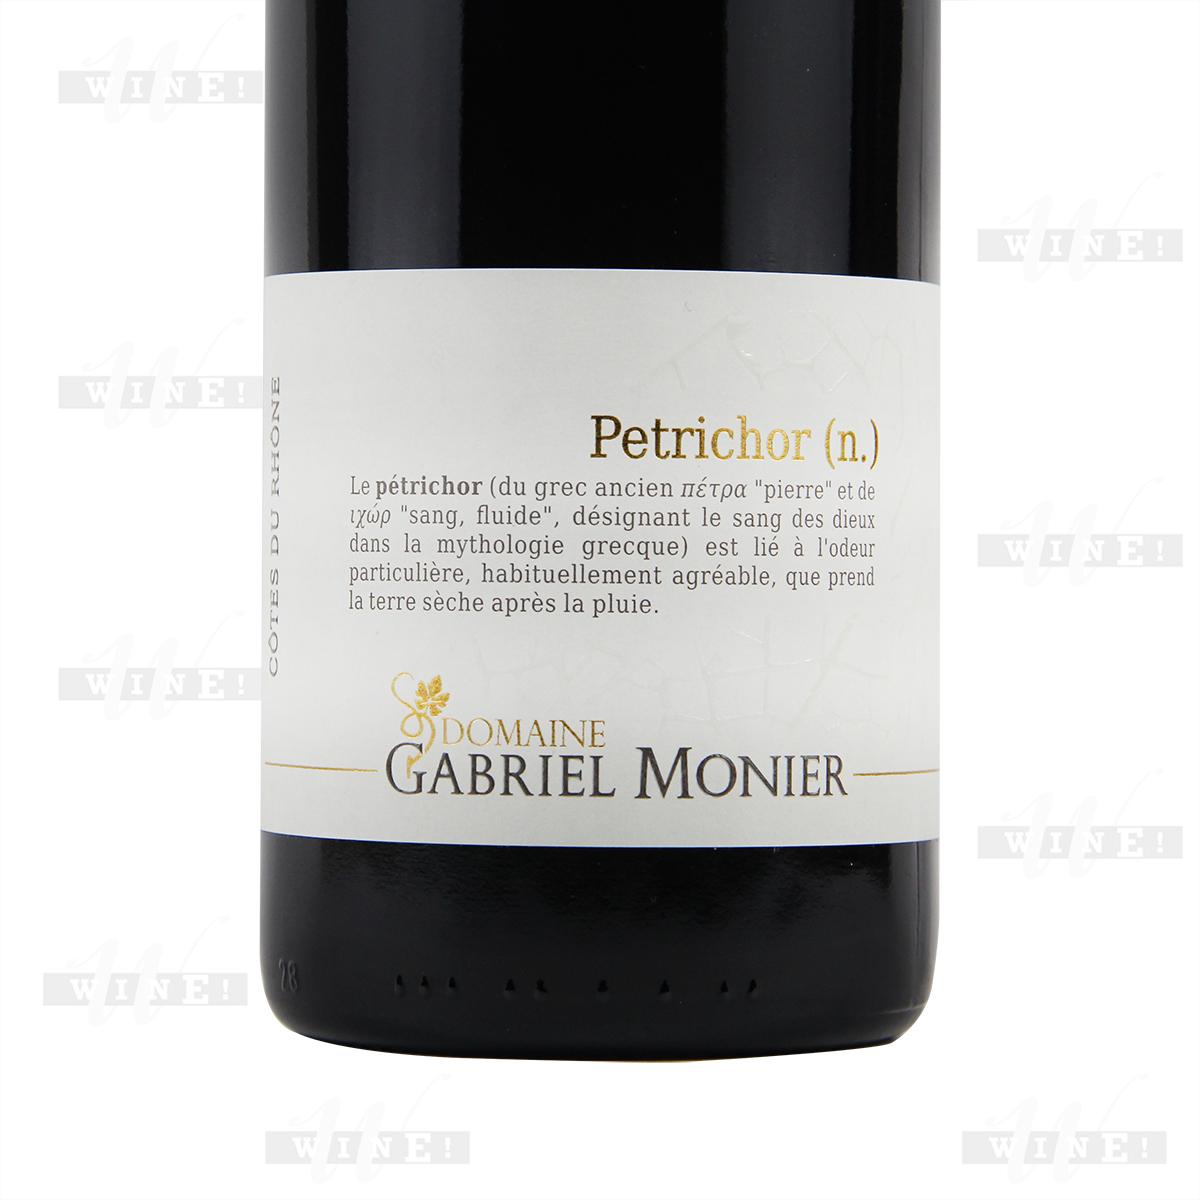 法国罗纳河谷加布里蒙尼酒庄混酿雨泥之香AOC干红葡萄酒